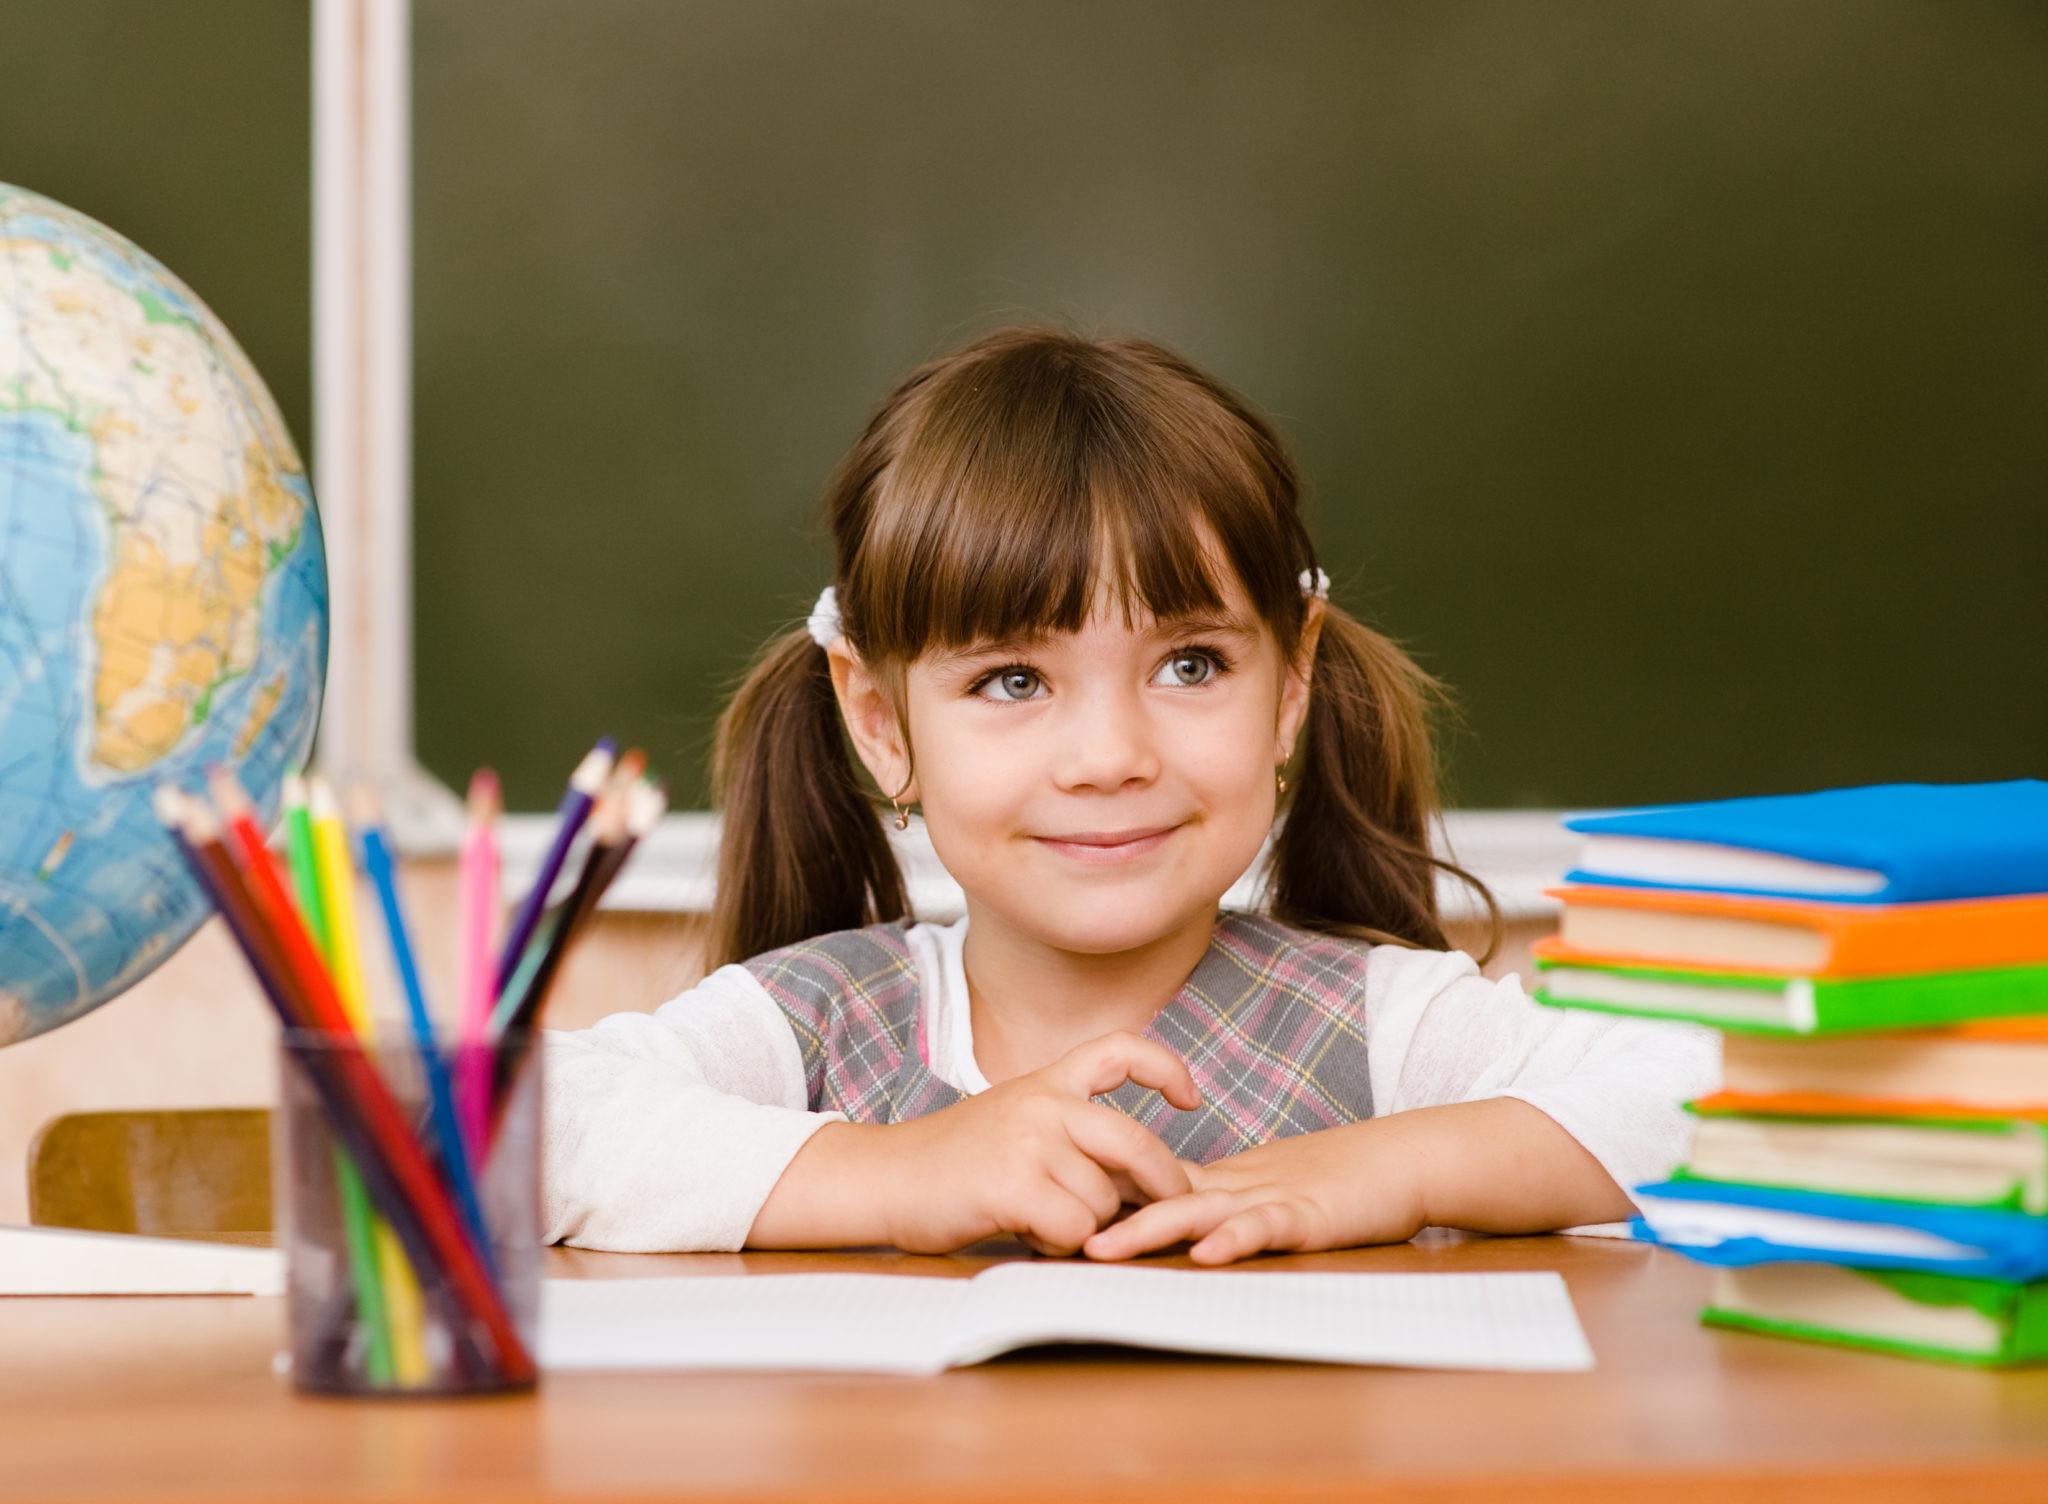 Как помочь ребенку привыкнуть к школе: начинай подготовку к школе уже в августе рекомендации